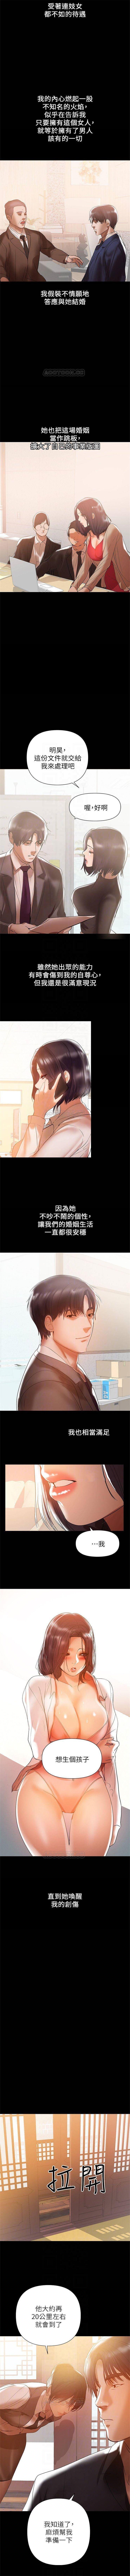 (週6)兼職奶媽 1-31 中文翻譯 (更新中) 190